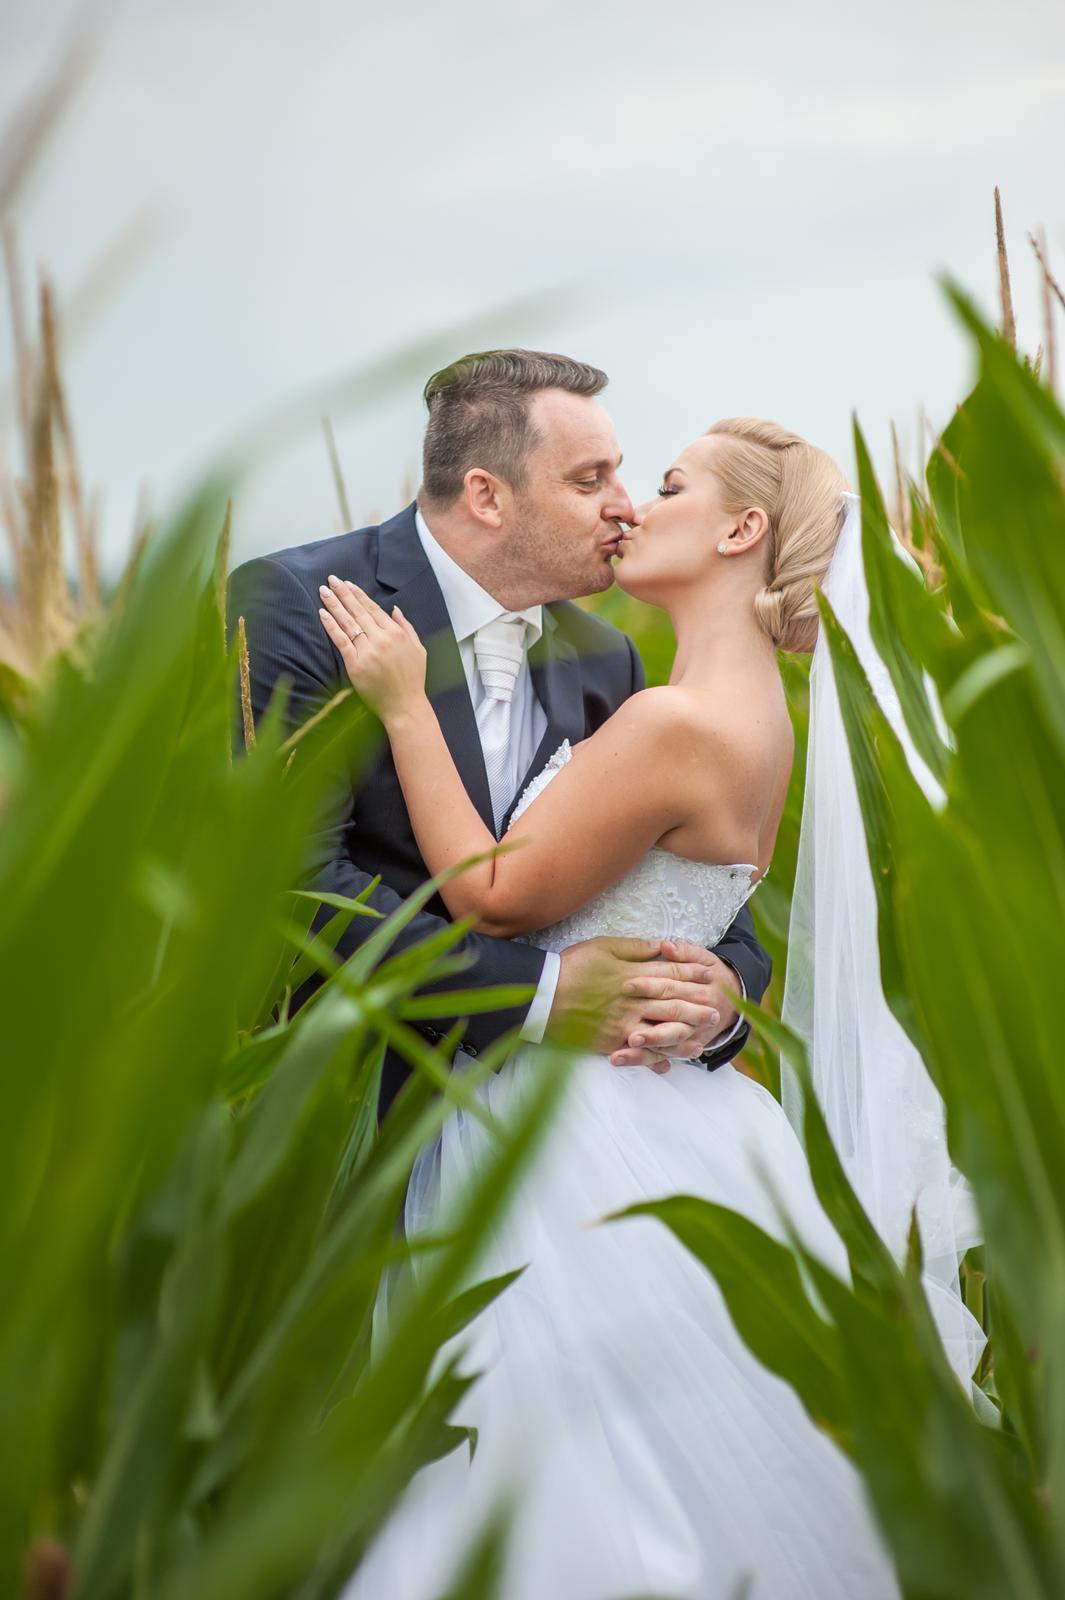 Wedding ♥ - Obrázek č. 16